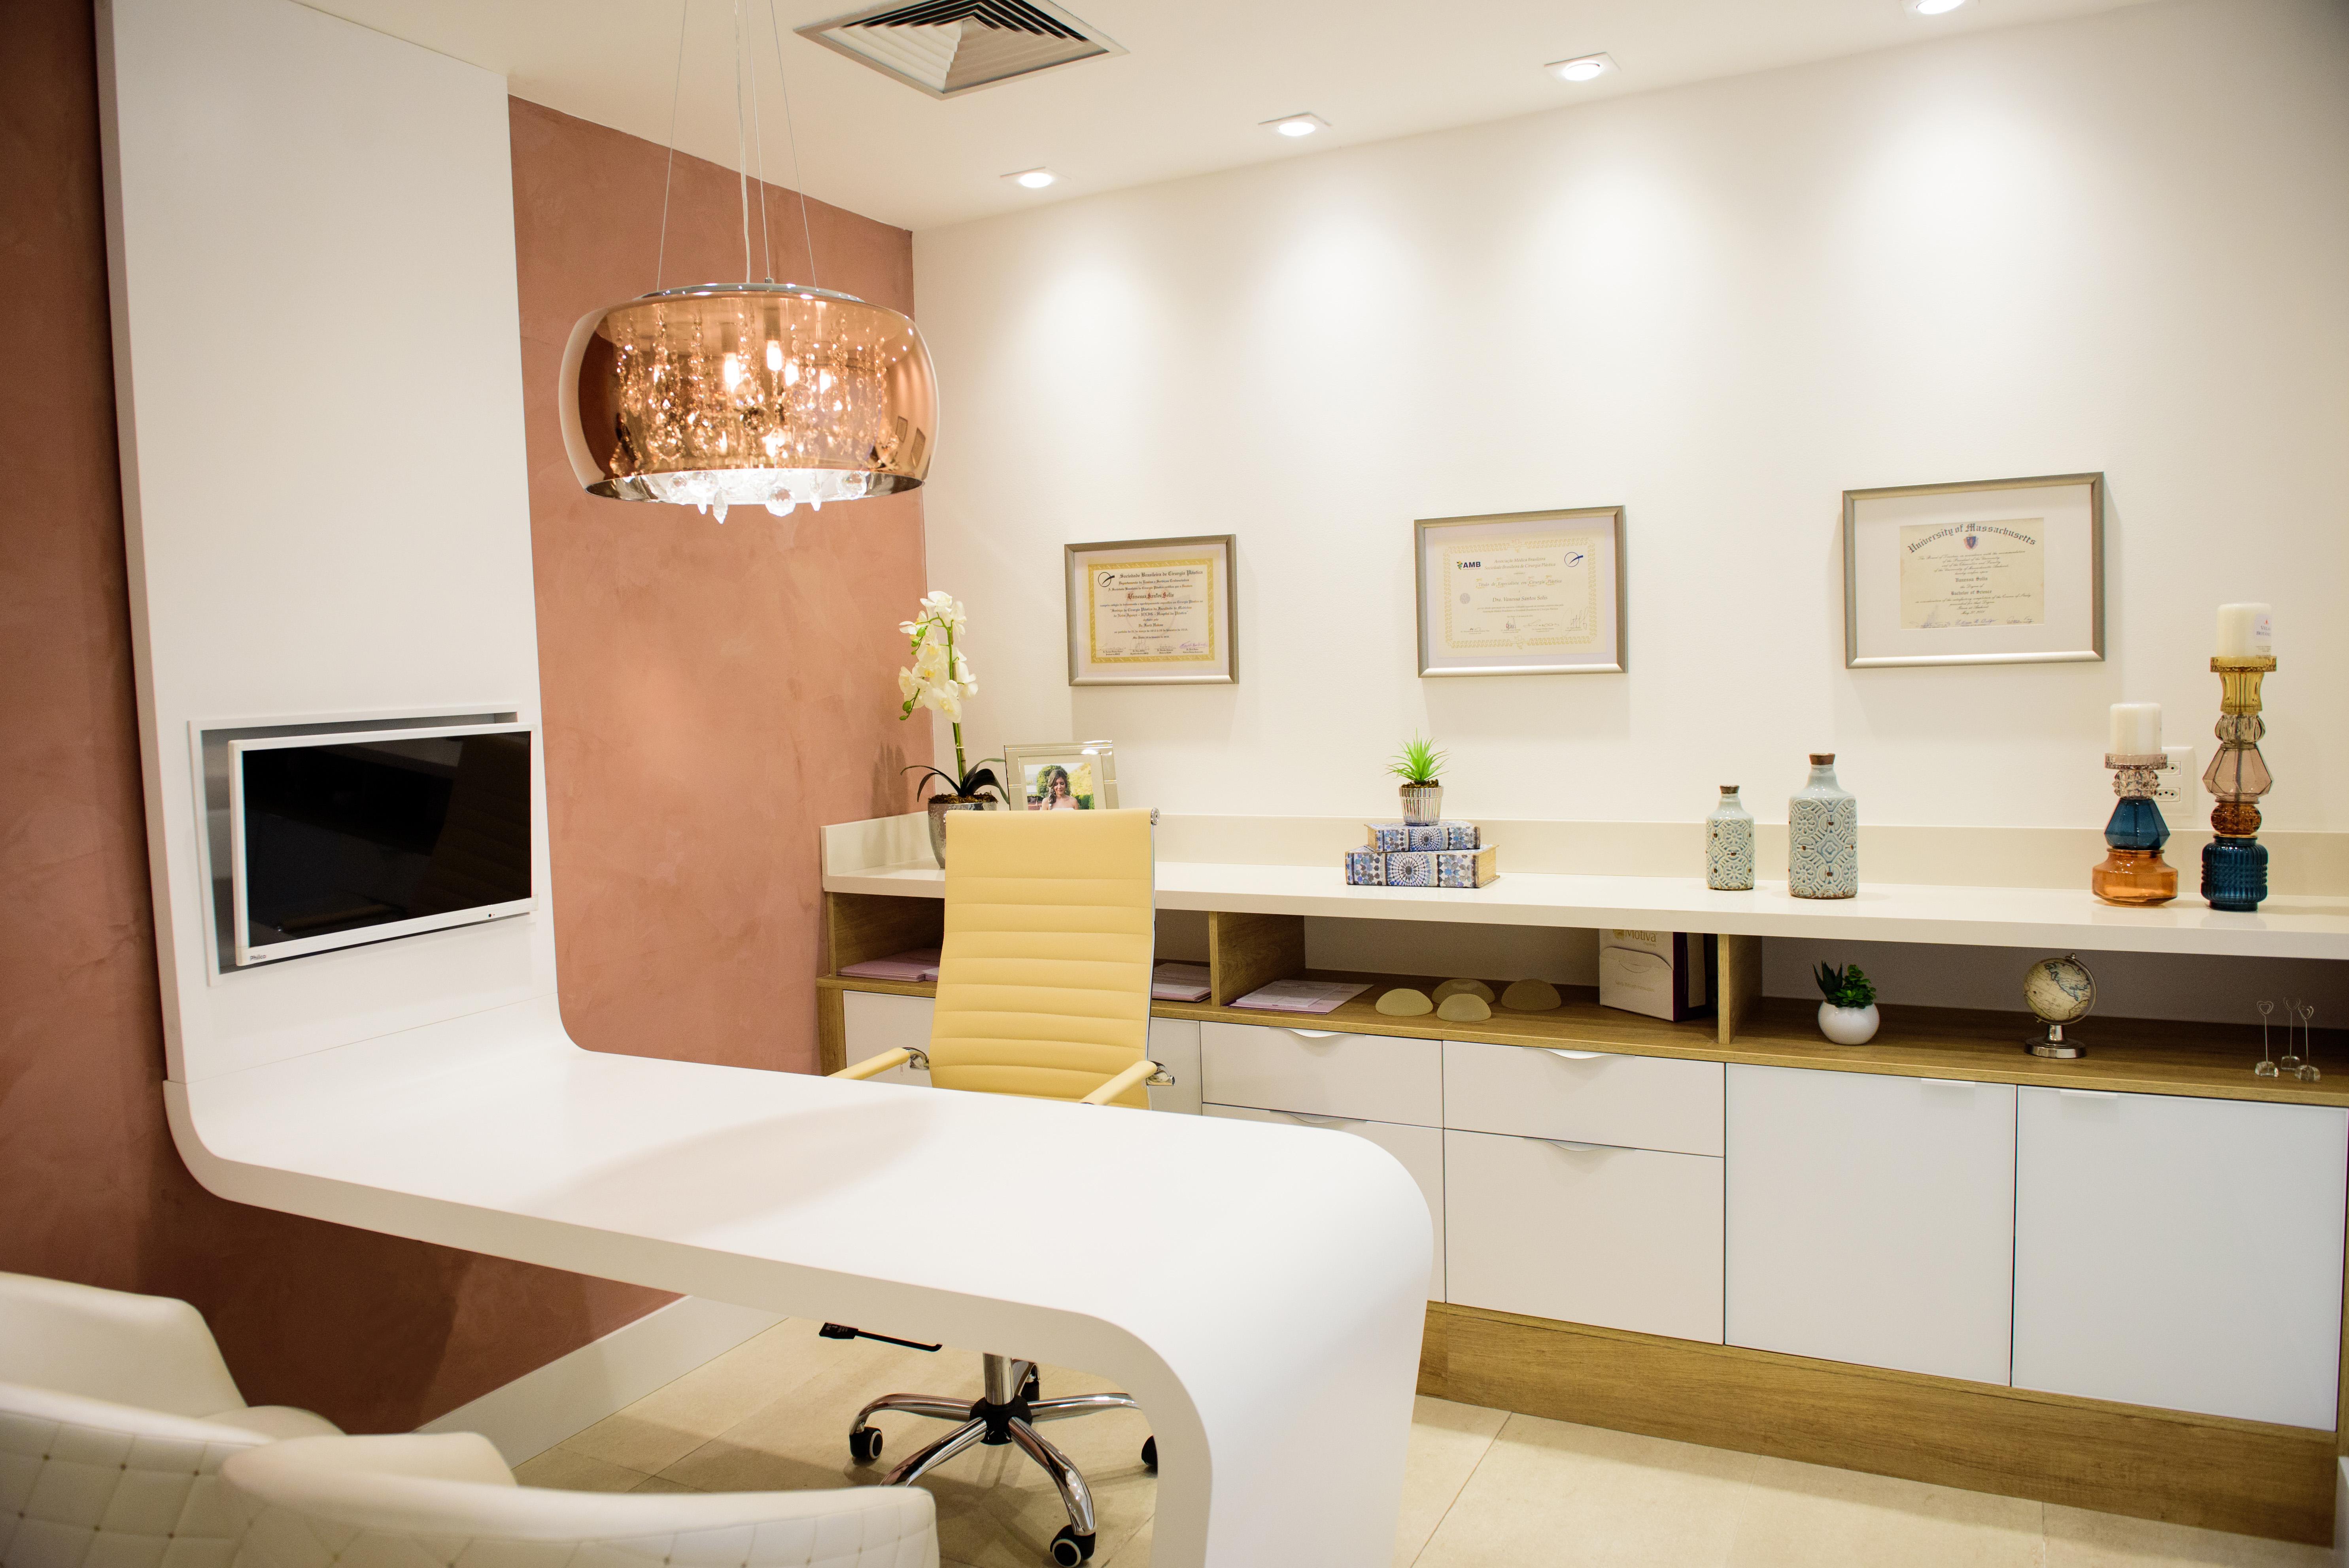 Clinica Vanessa Solis 18.08.17-1008